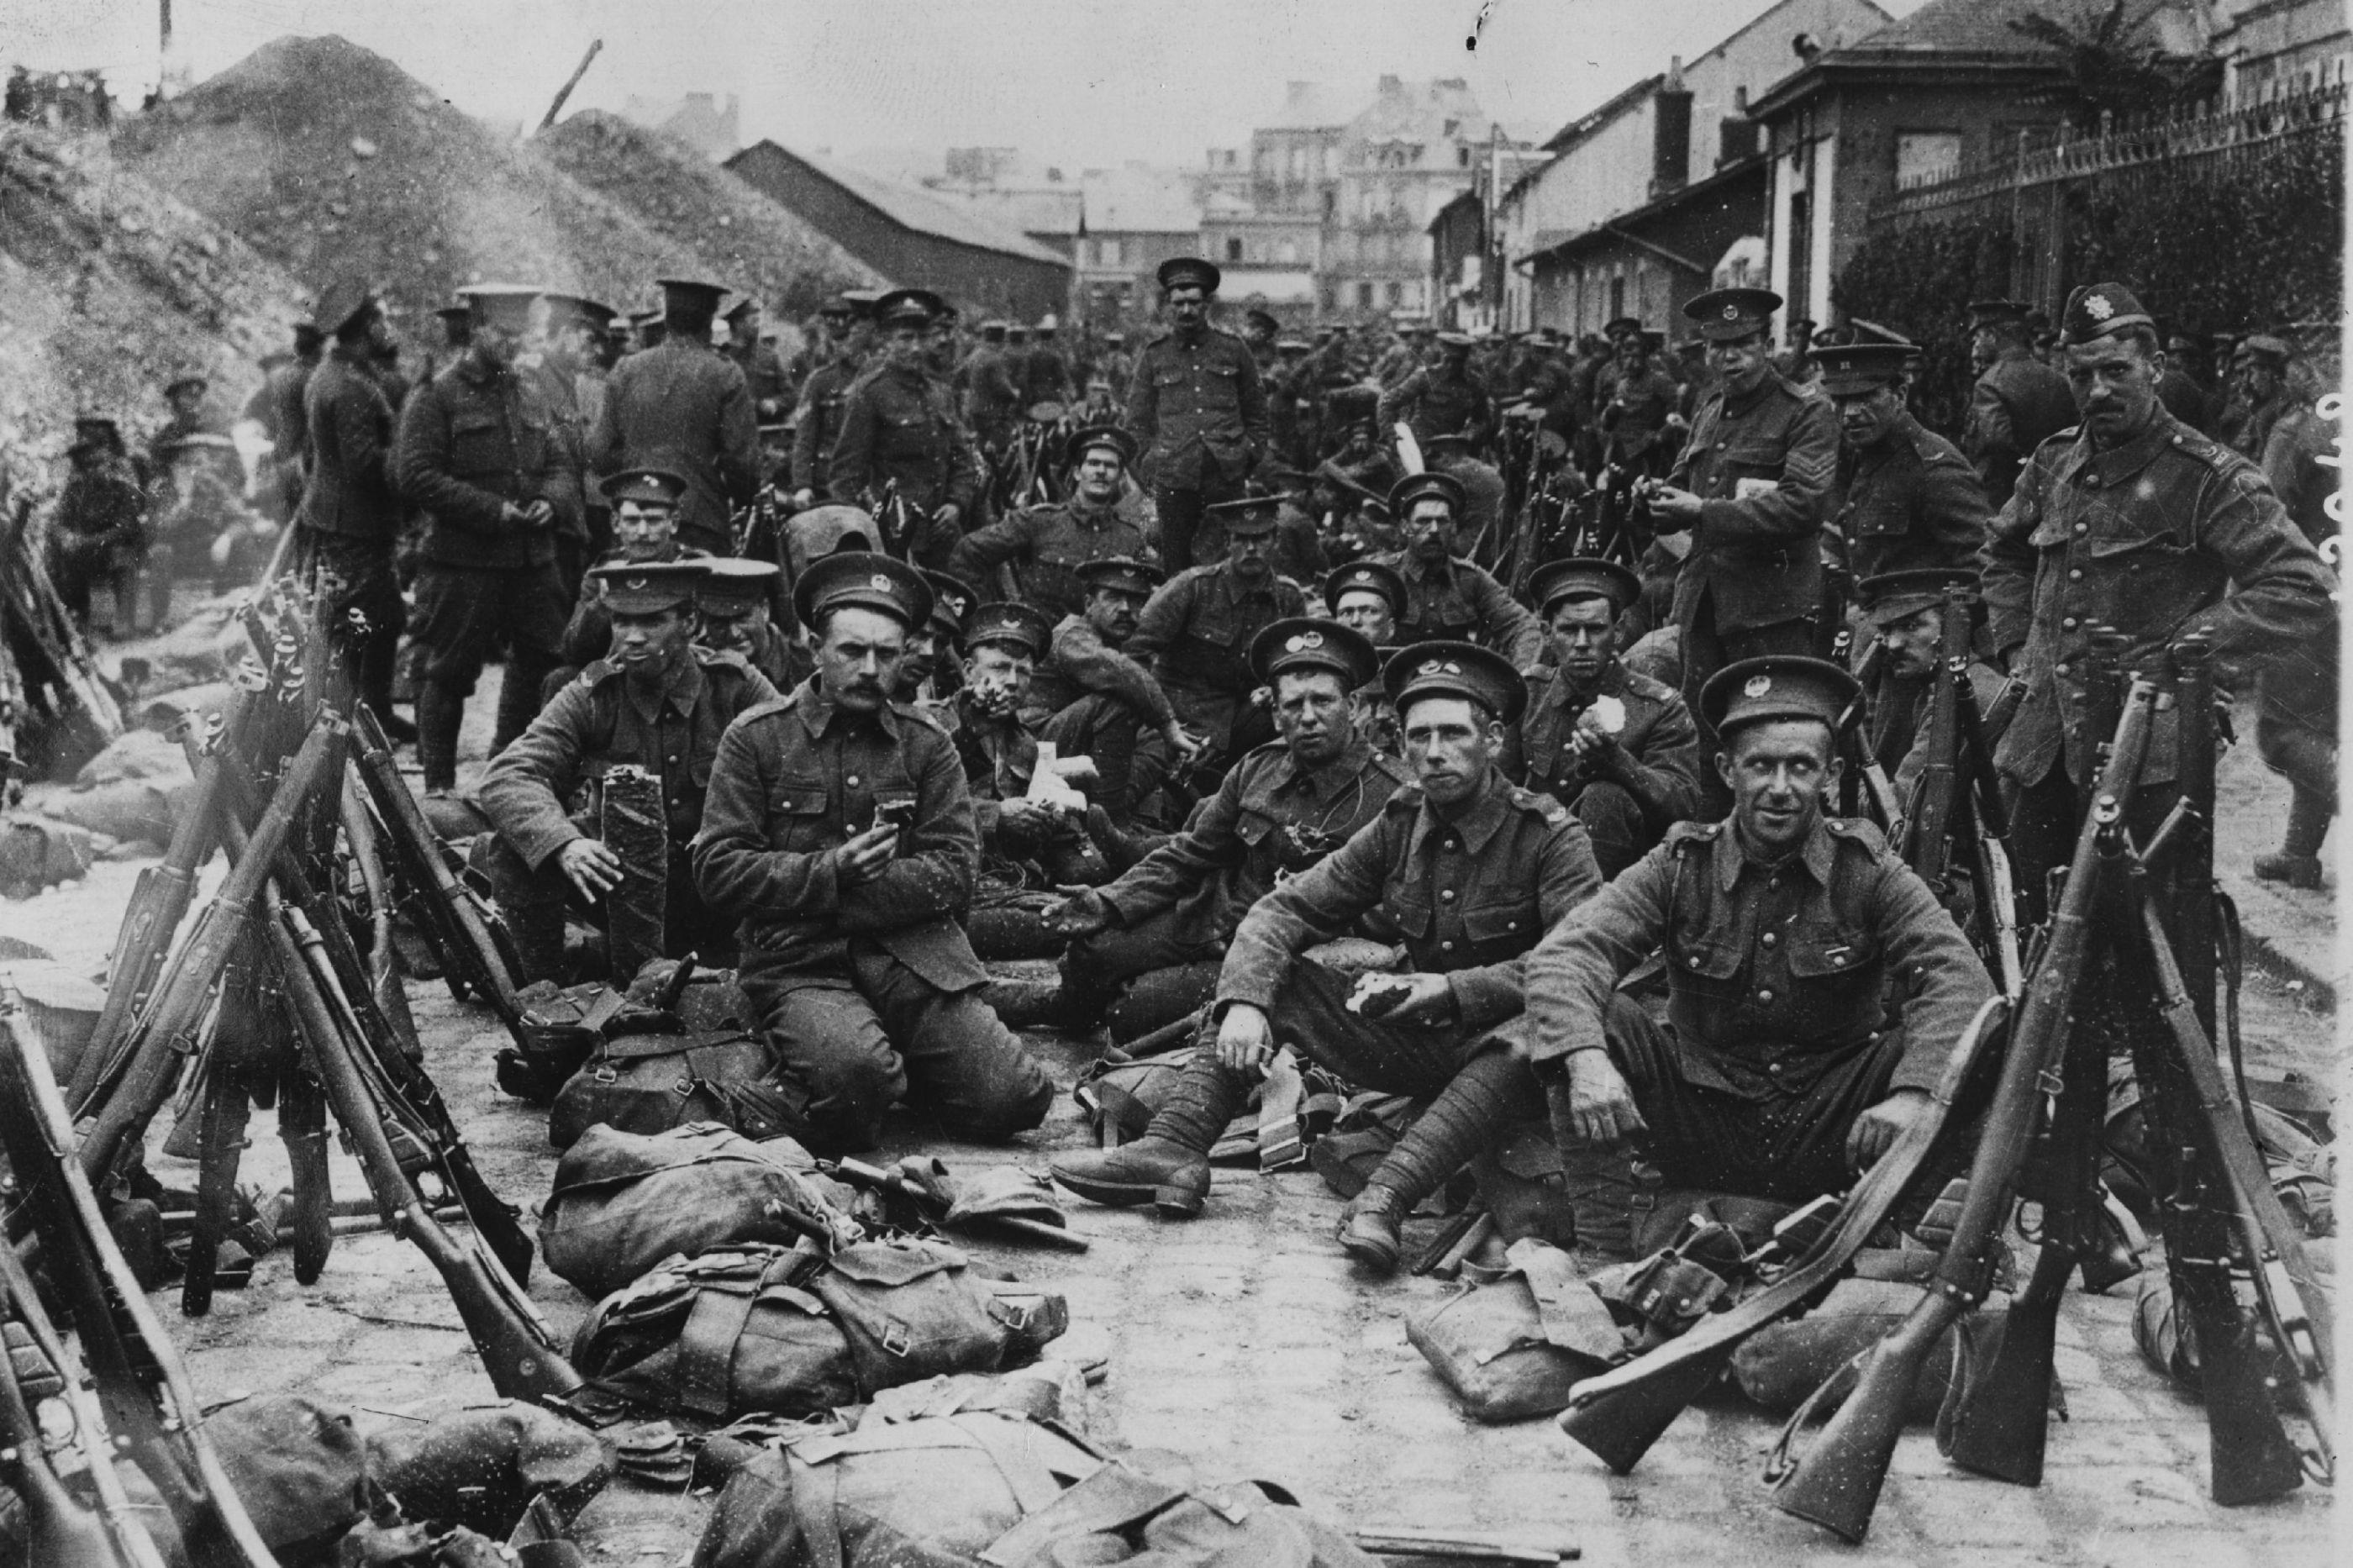 Parada militar em Lisboa assinala hoje cem anos do fim da I Grande Guerra